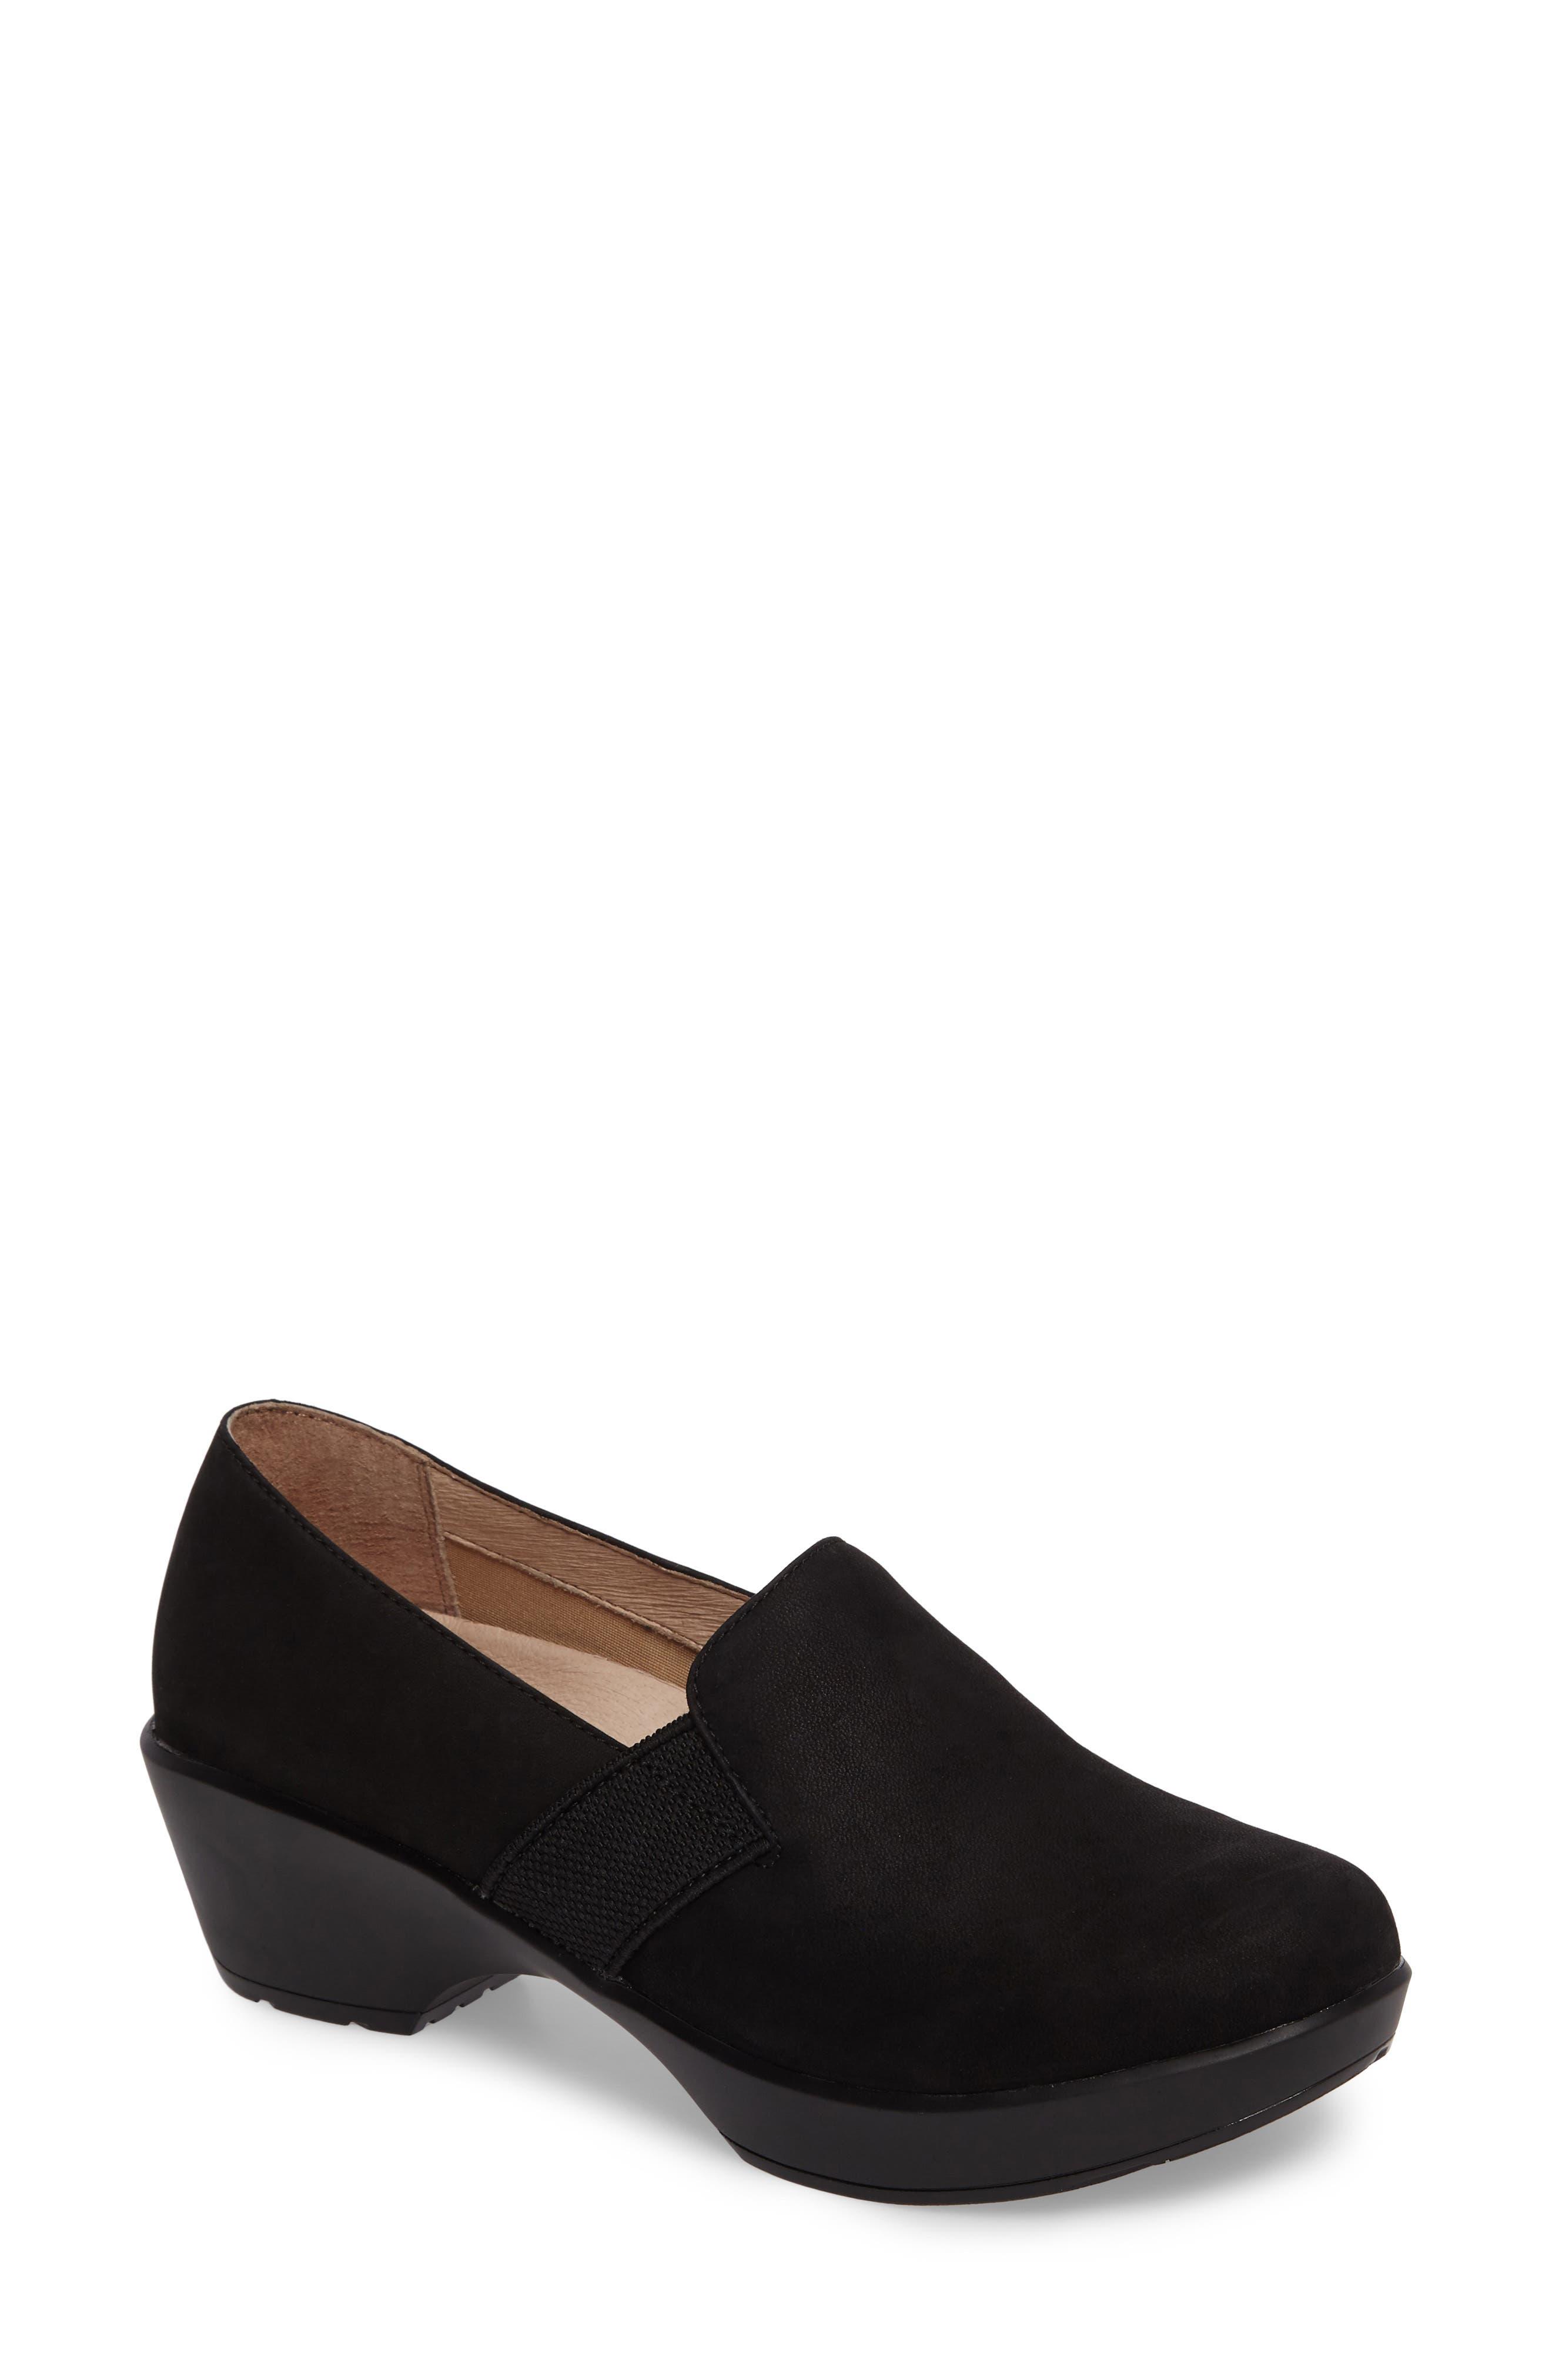 Alternate Image 1 Selected - Dansko 'Jessica' Platform Loafer (Women)